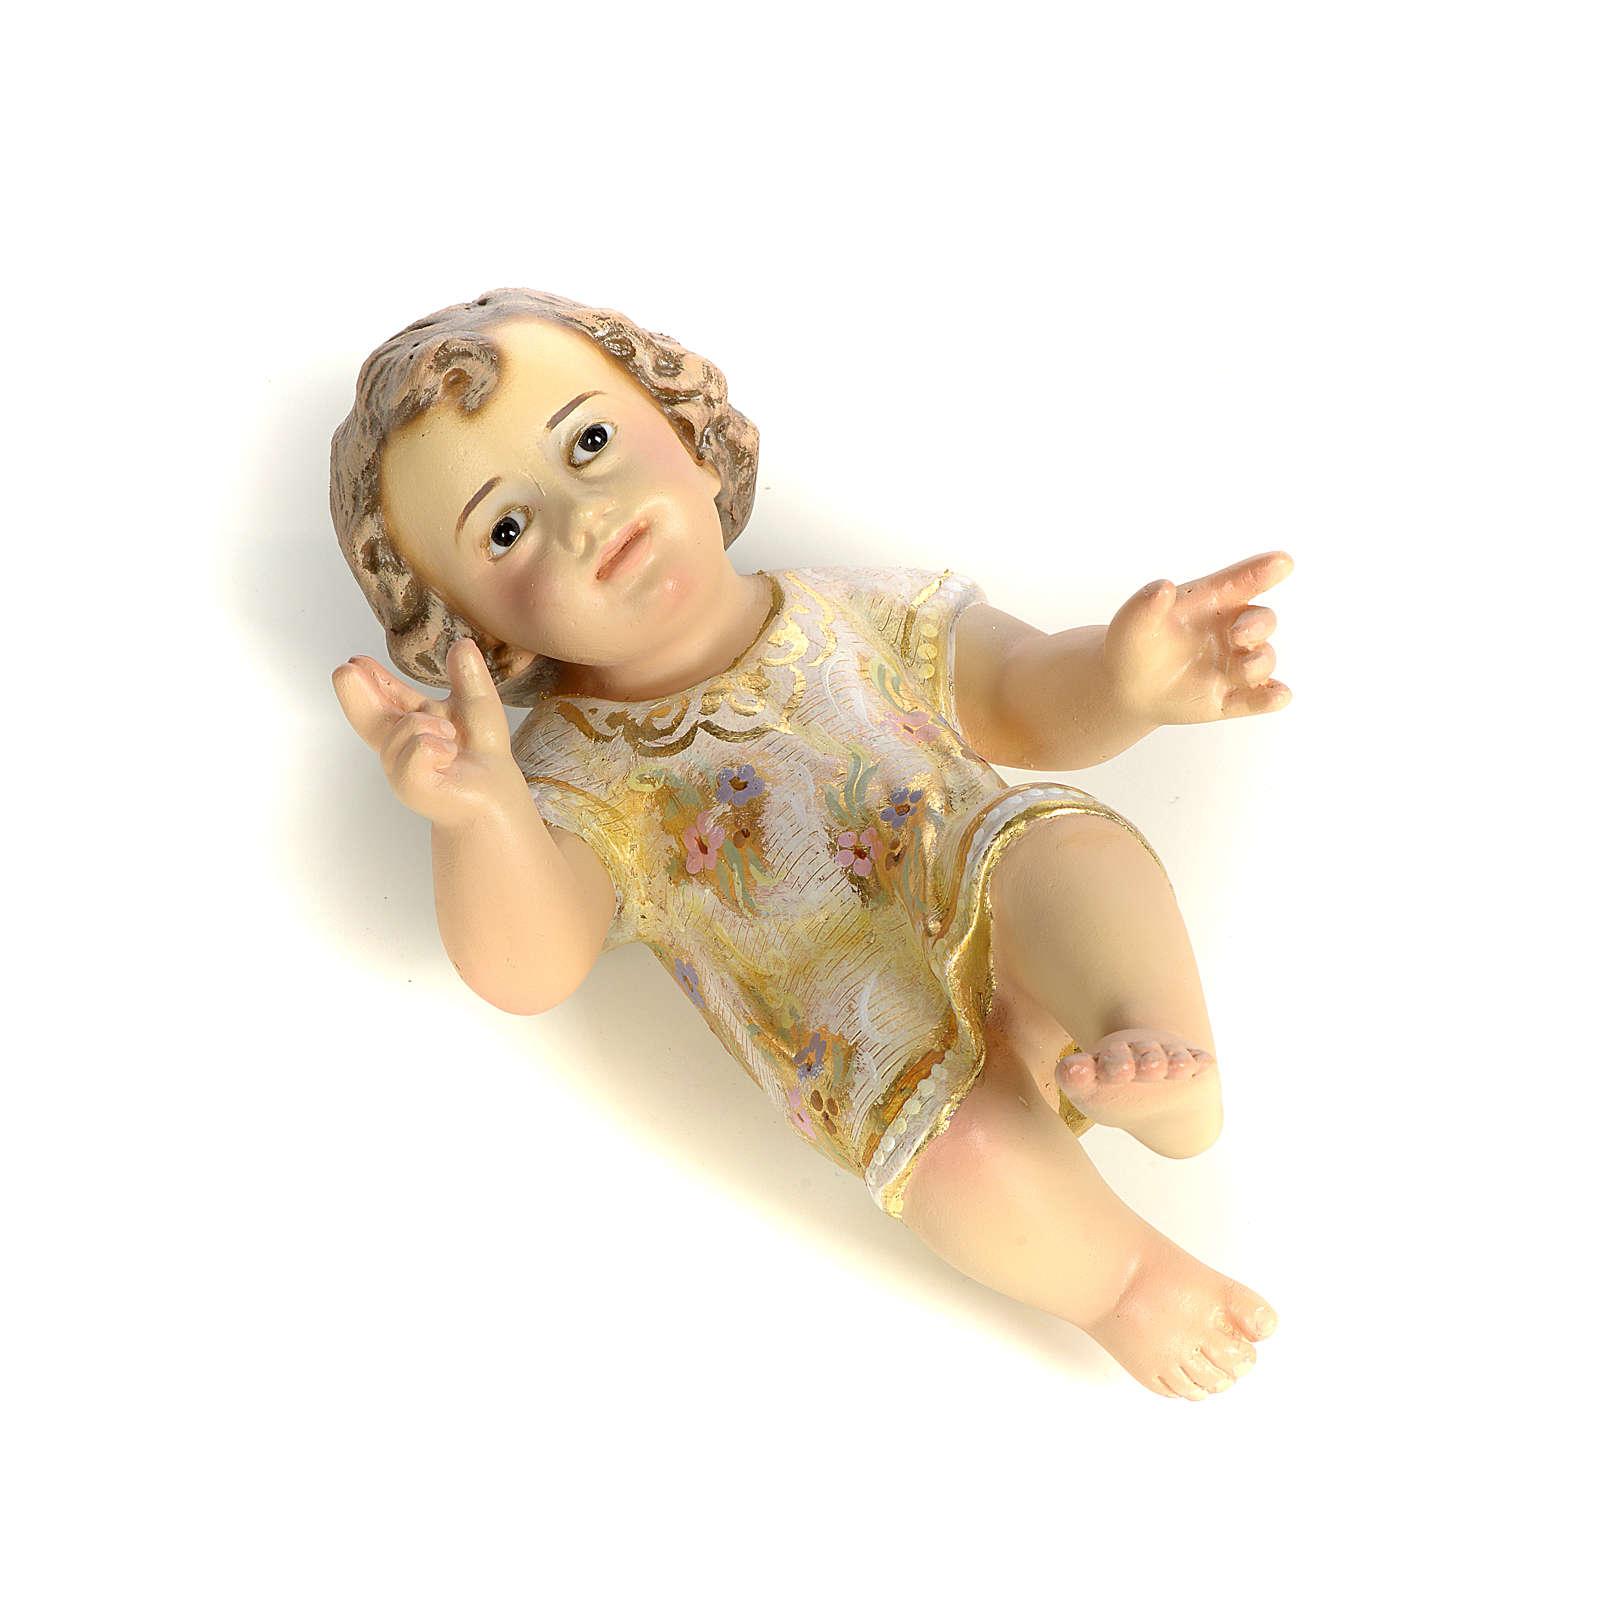 Dzieciątko Jezus 15 cm z miazgi drzewnej dekoracje extra 3